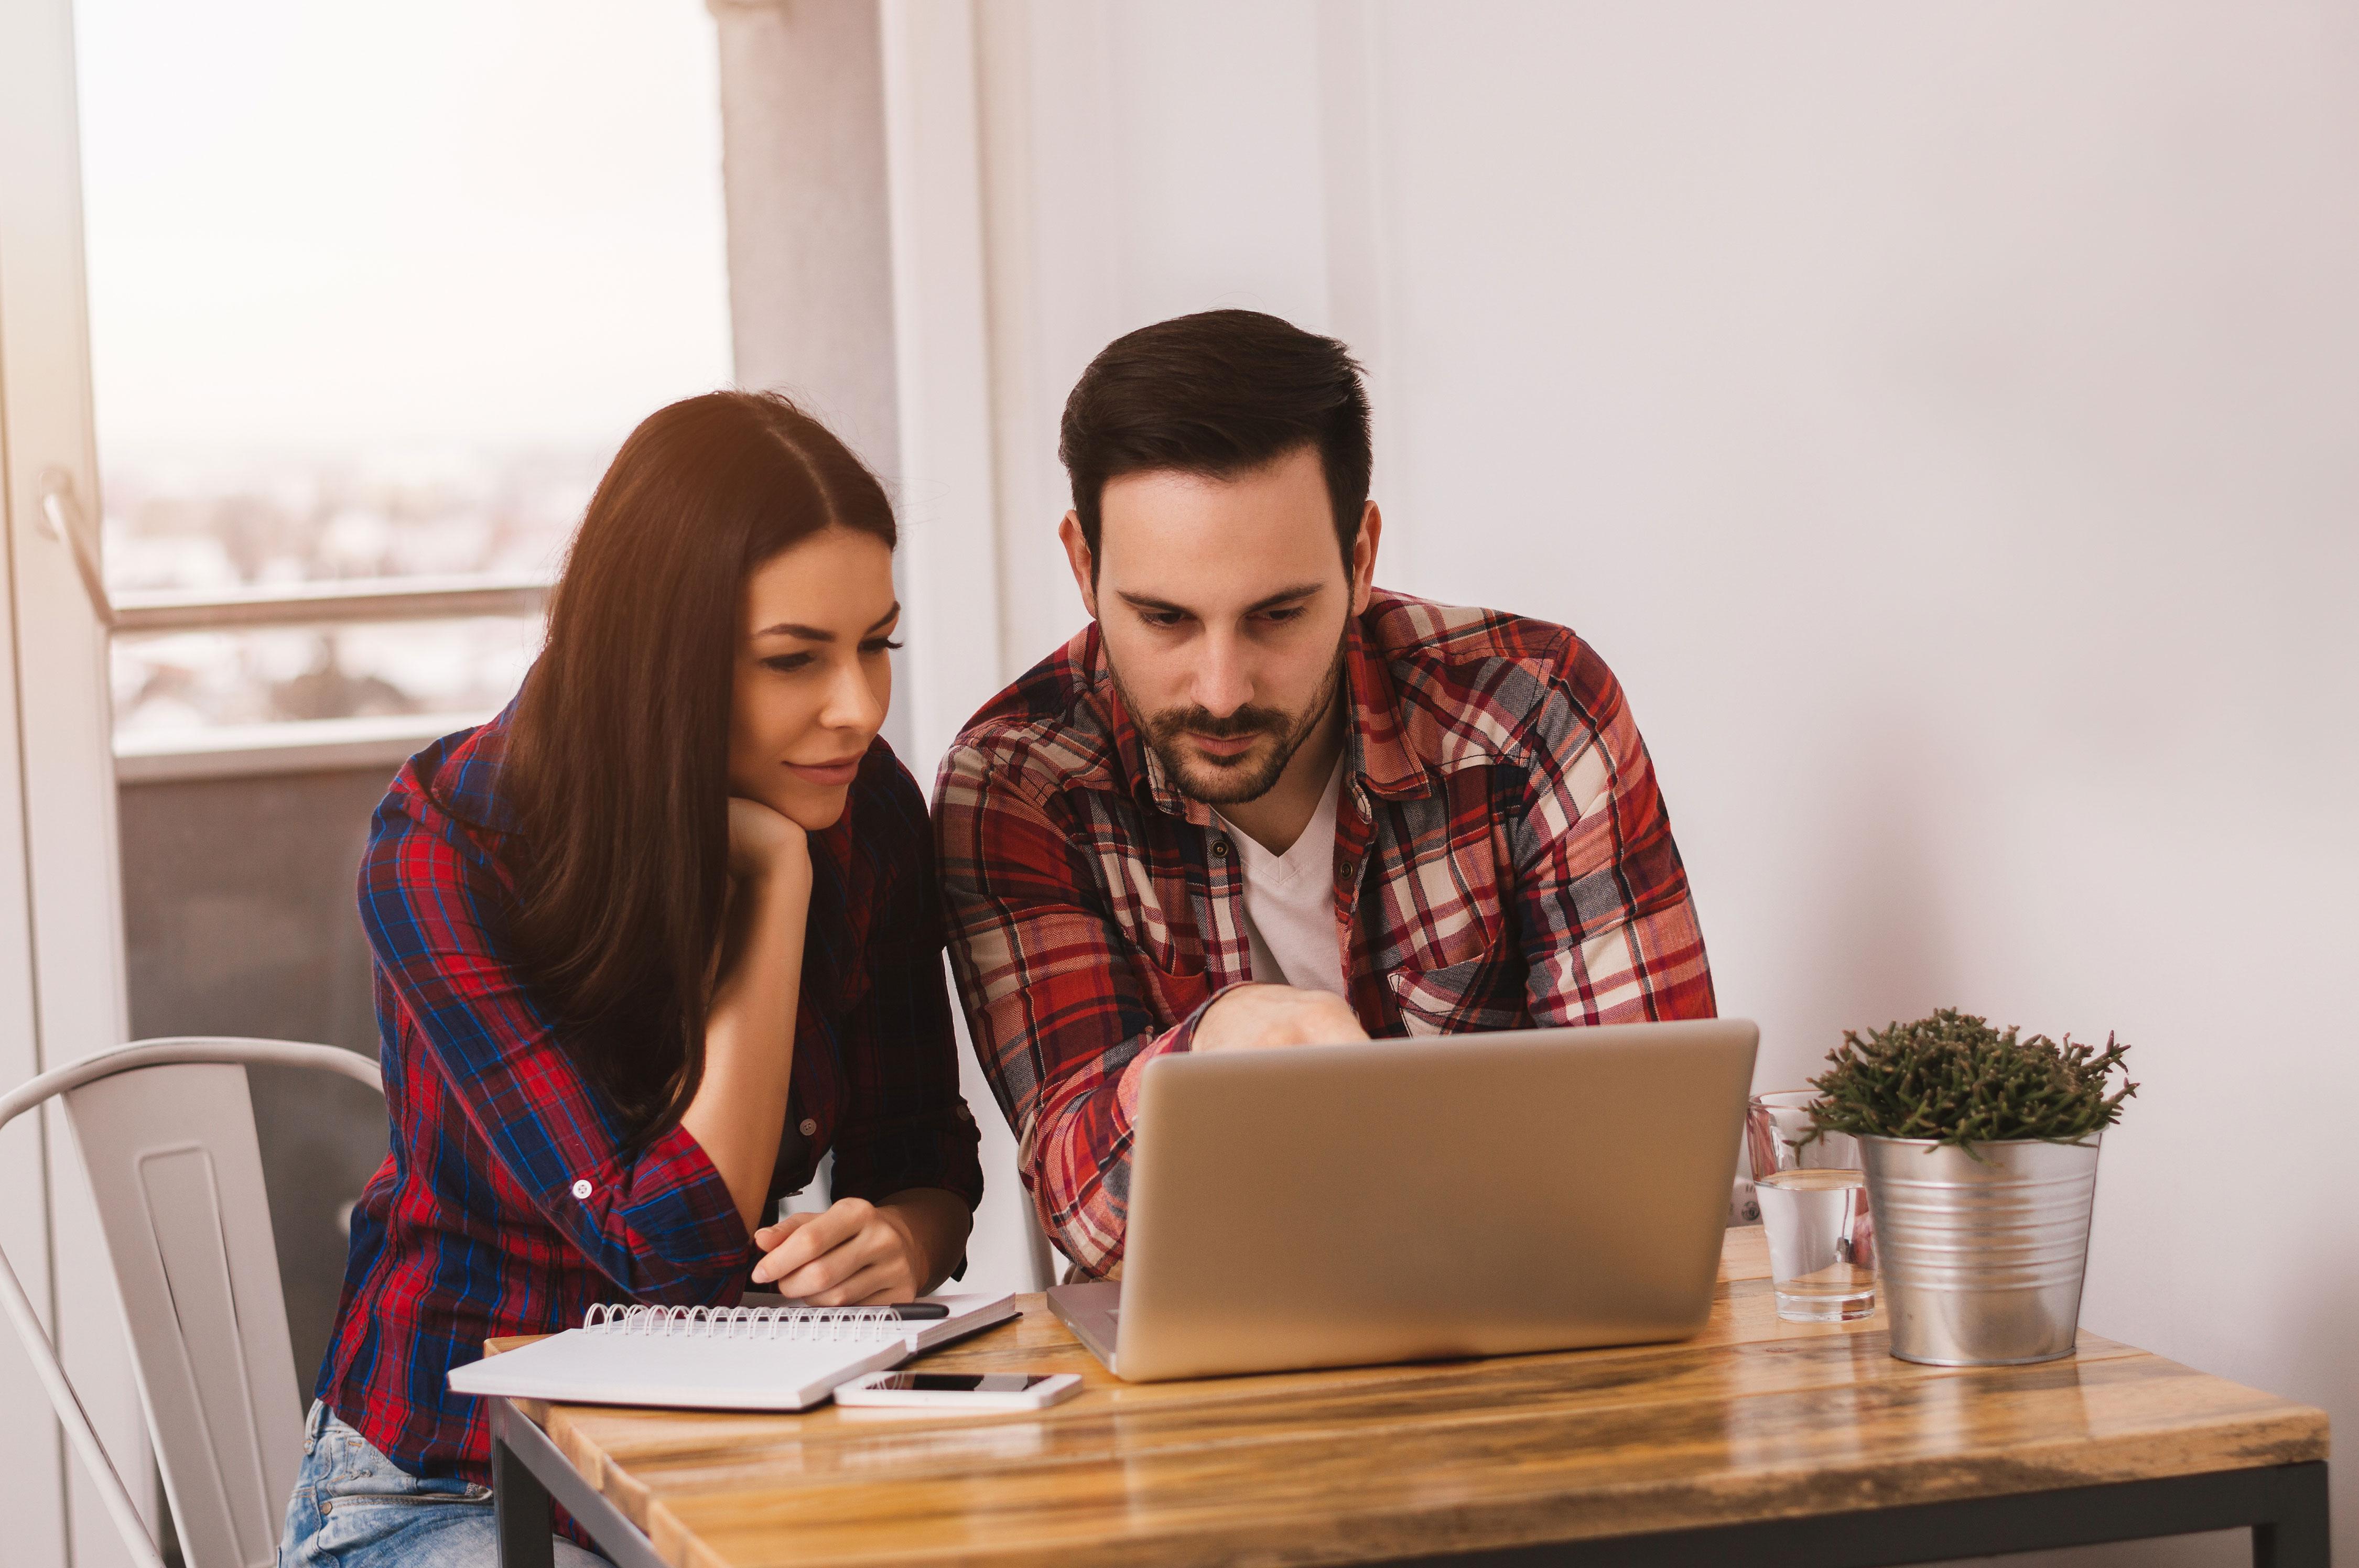 Junges Paar arbeitet gemeinsam an Laptop am Küchentisch